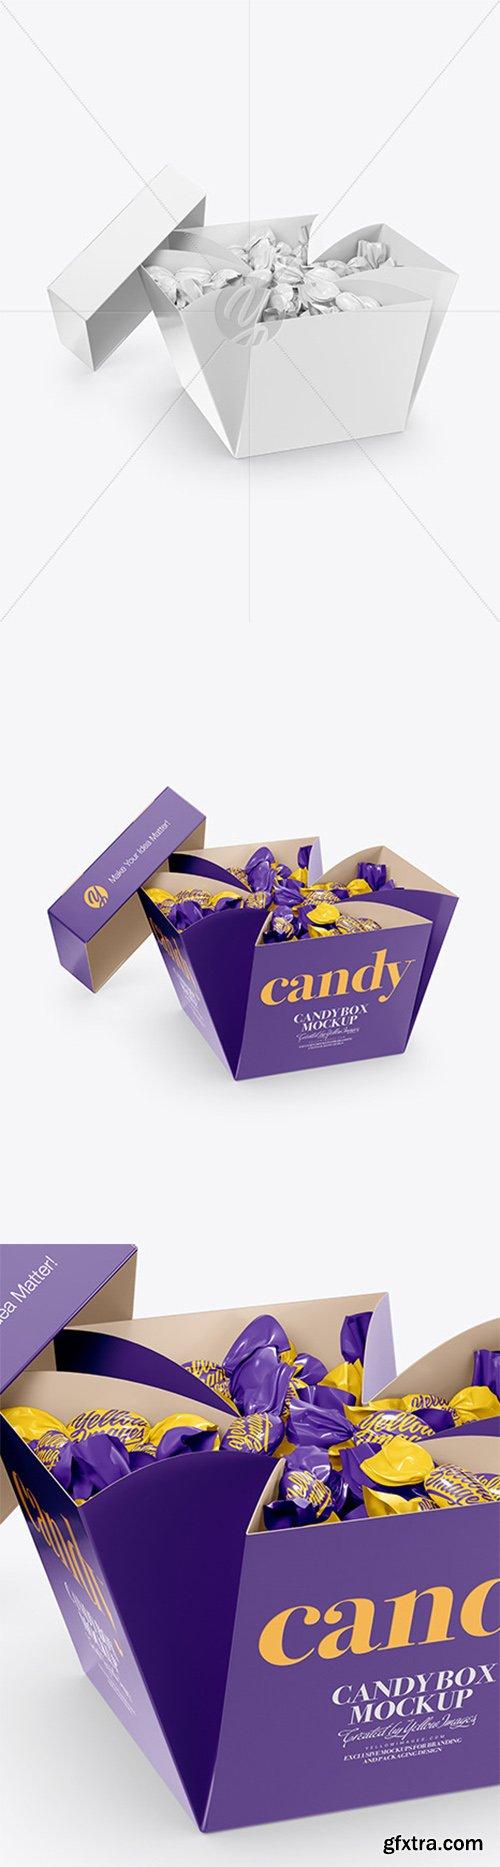 Candy Box Mockup 49038